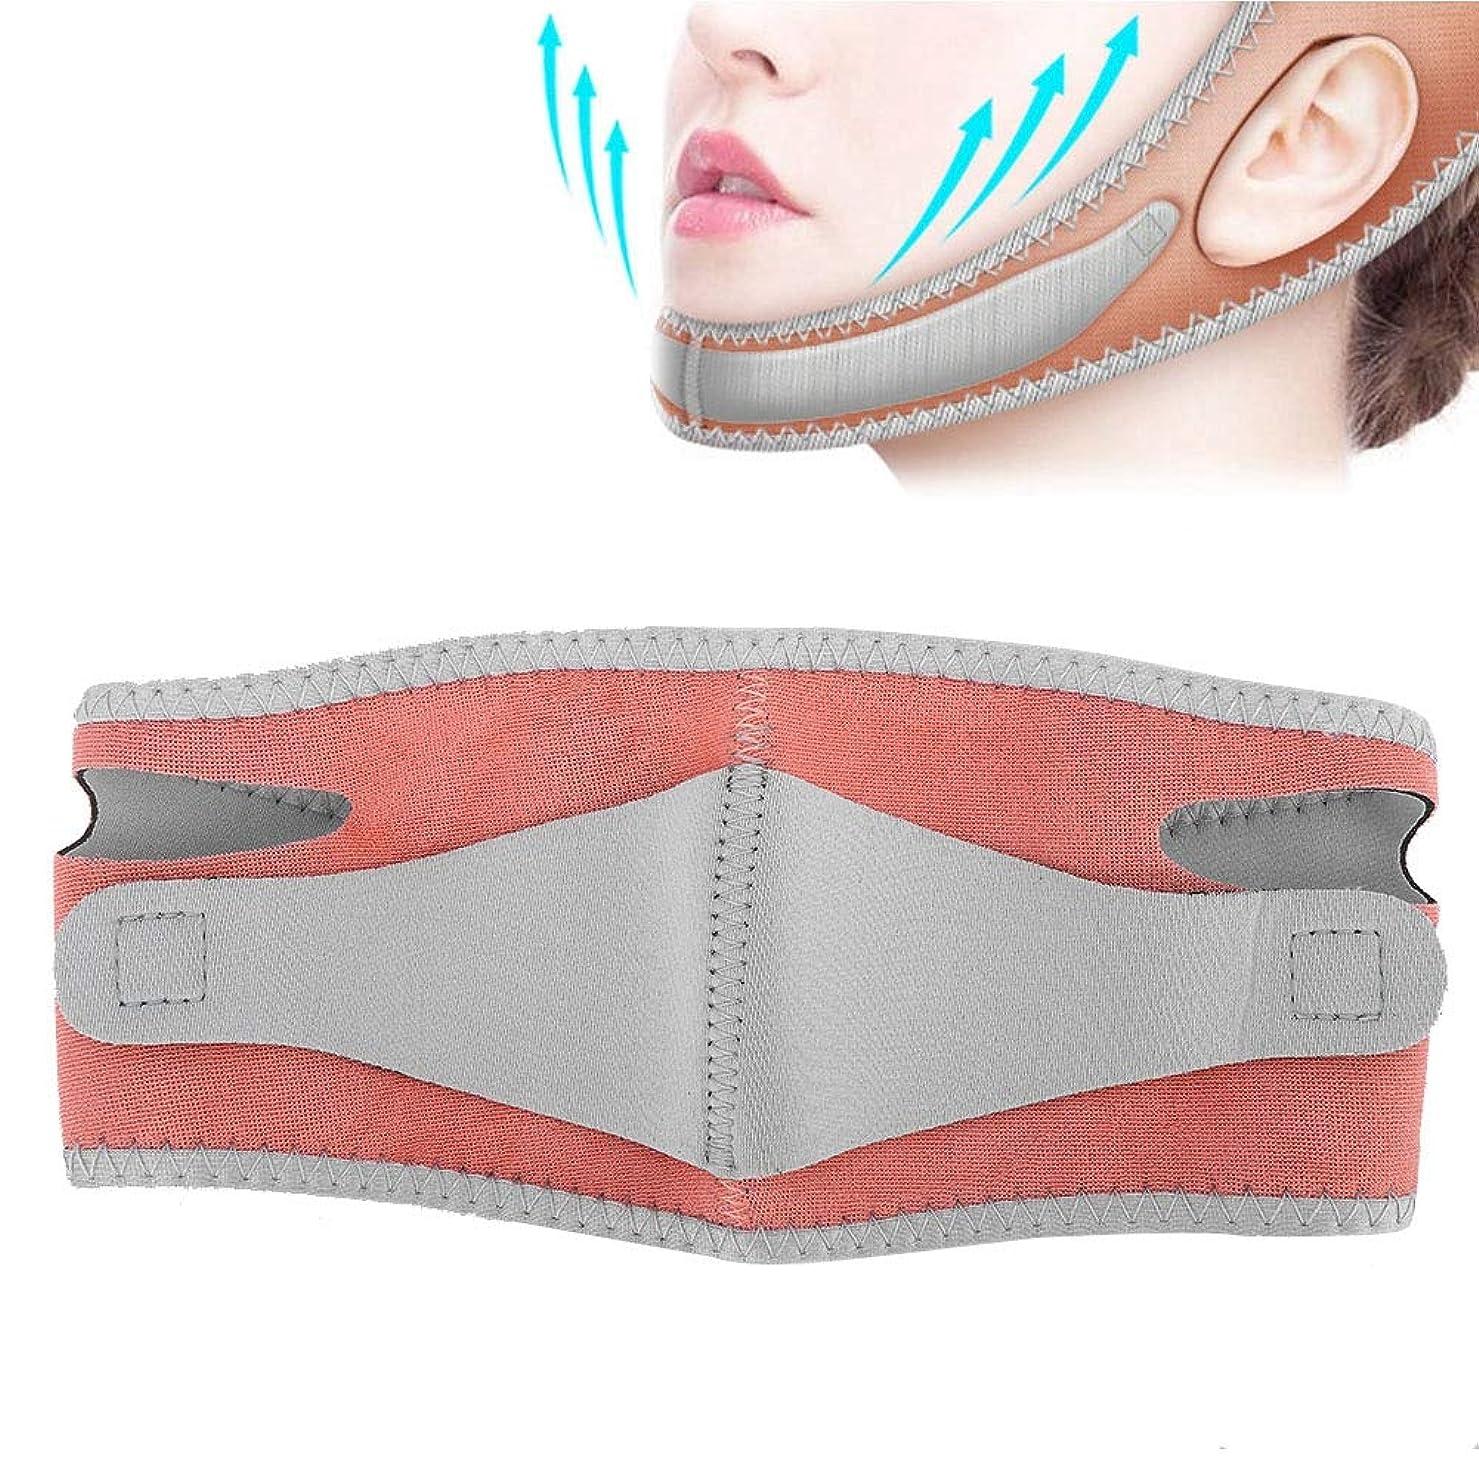 改修雇用者ジェスチャー薄い顔包帯顔、Vフェイスラインスリムダブルチンチークスリムリフトアップ引き締まった肌防止マスクあなたが顔の肌を引き締めるのに役立ちます